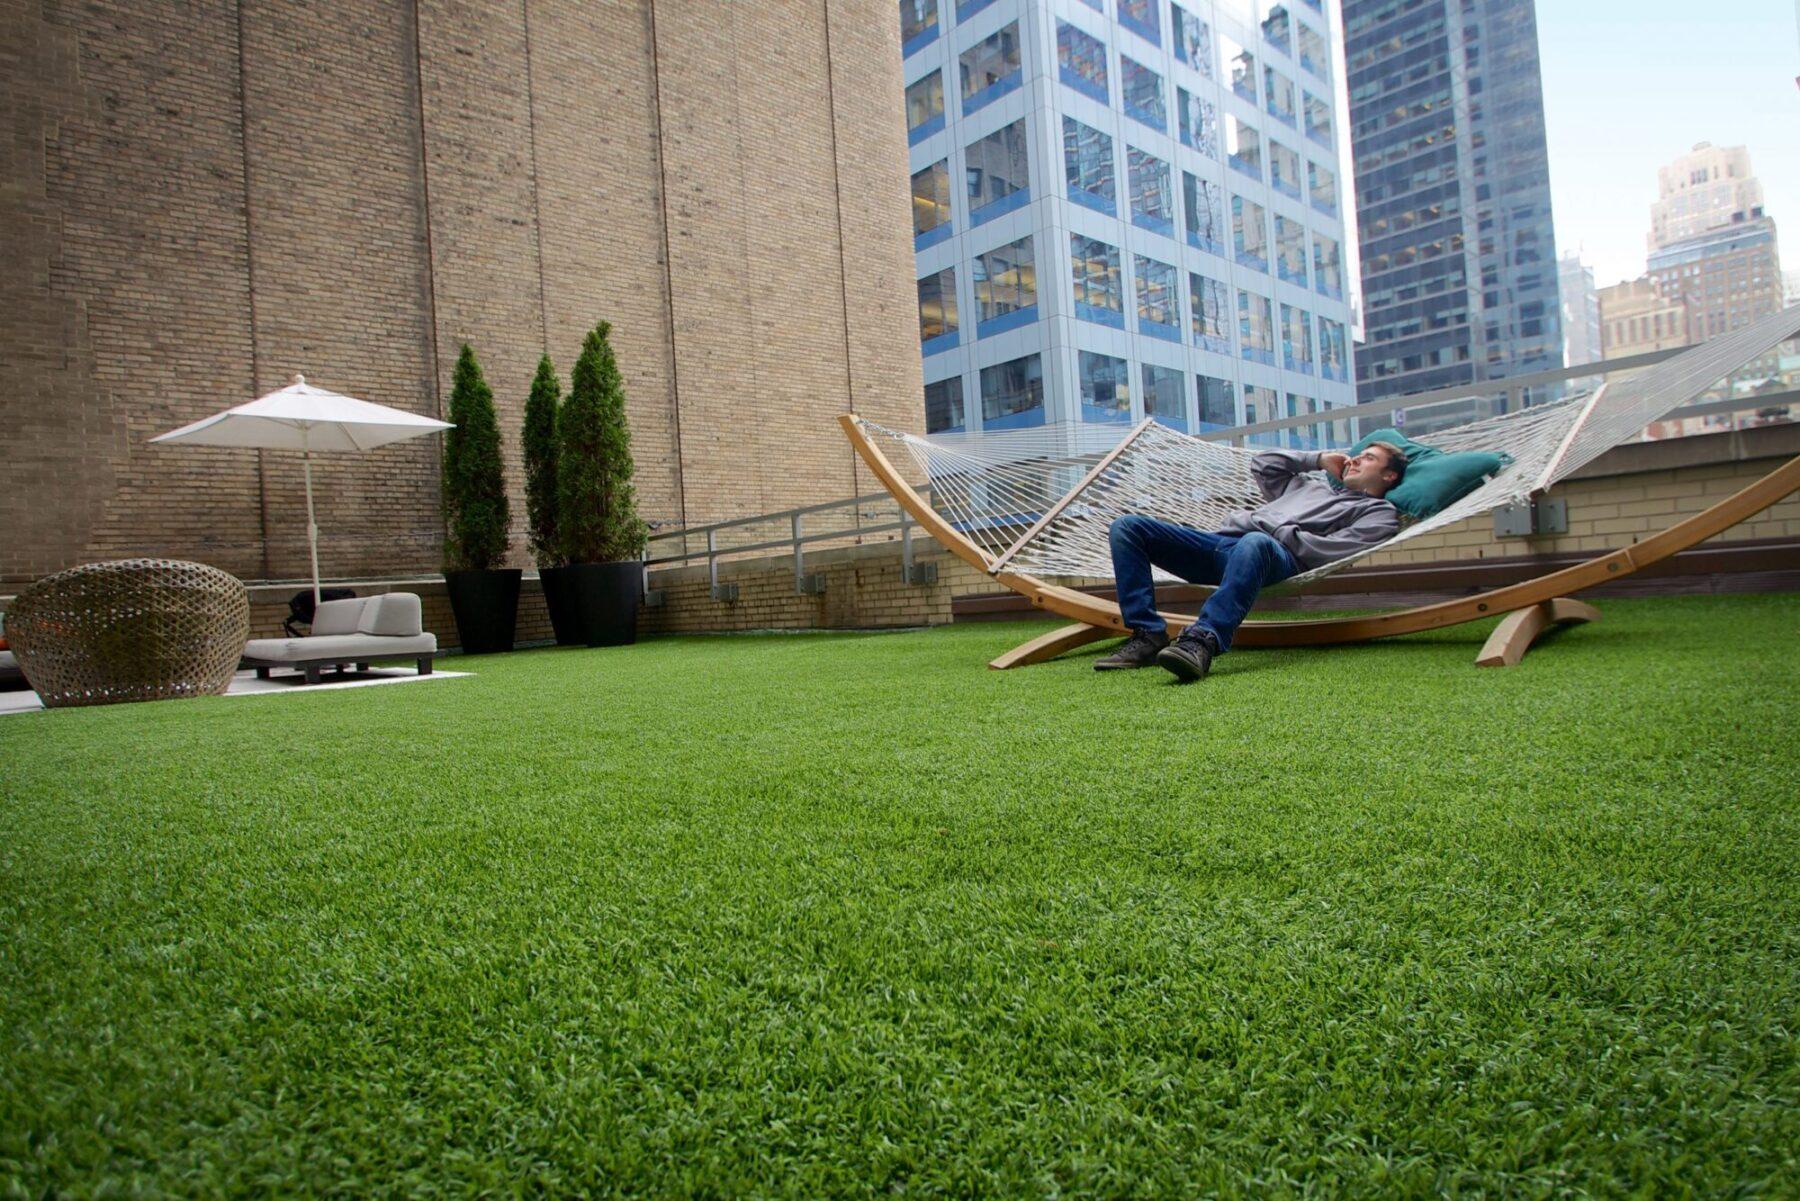 roof top artificial grass install